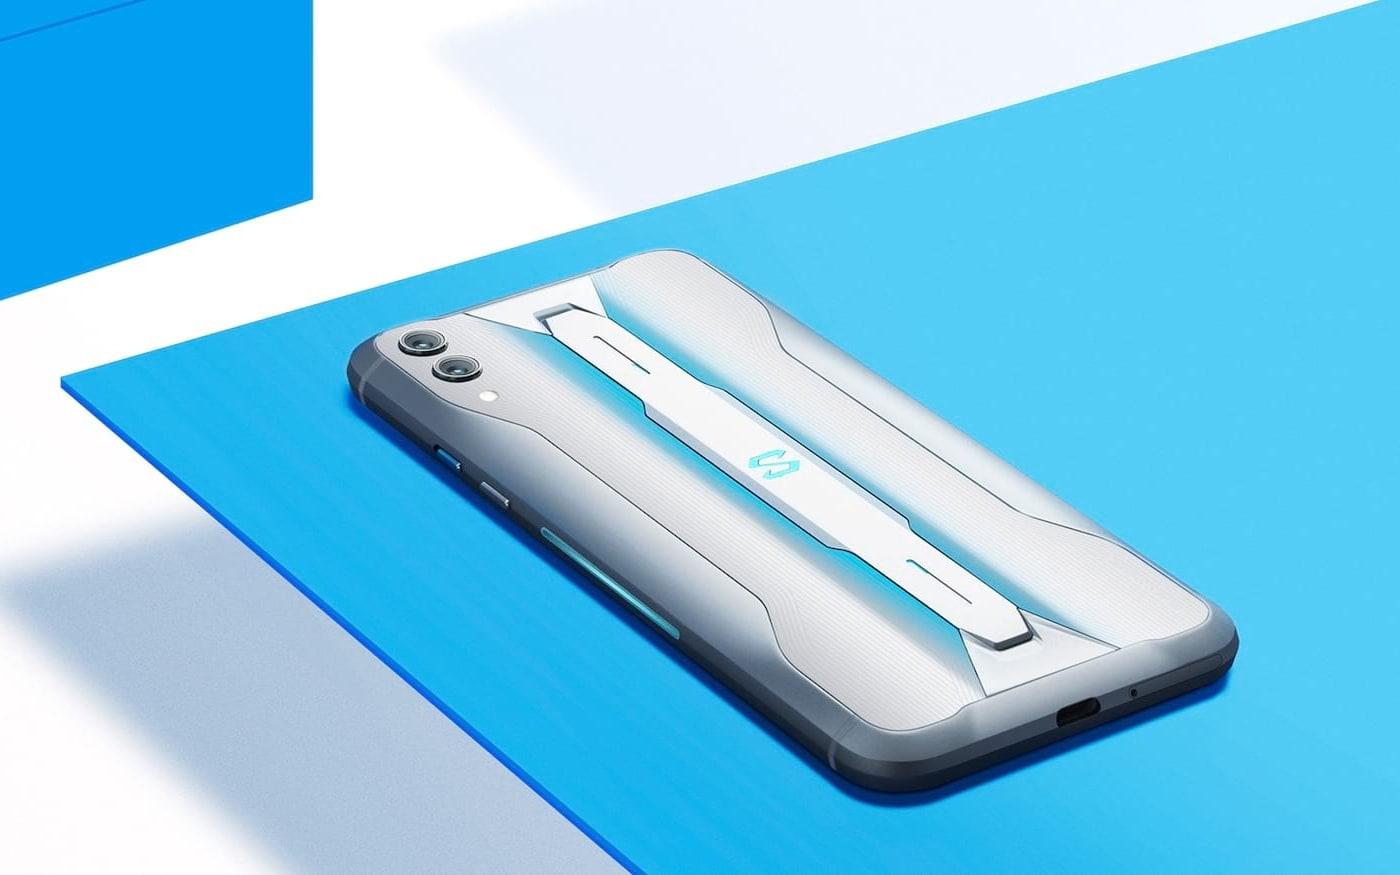 Xiaomi lançou o Black Shark 2 Pro, o melhor smartphone gamer da marca